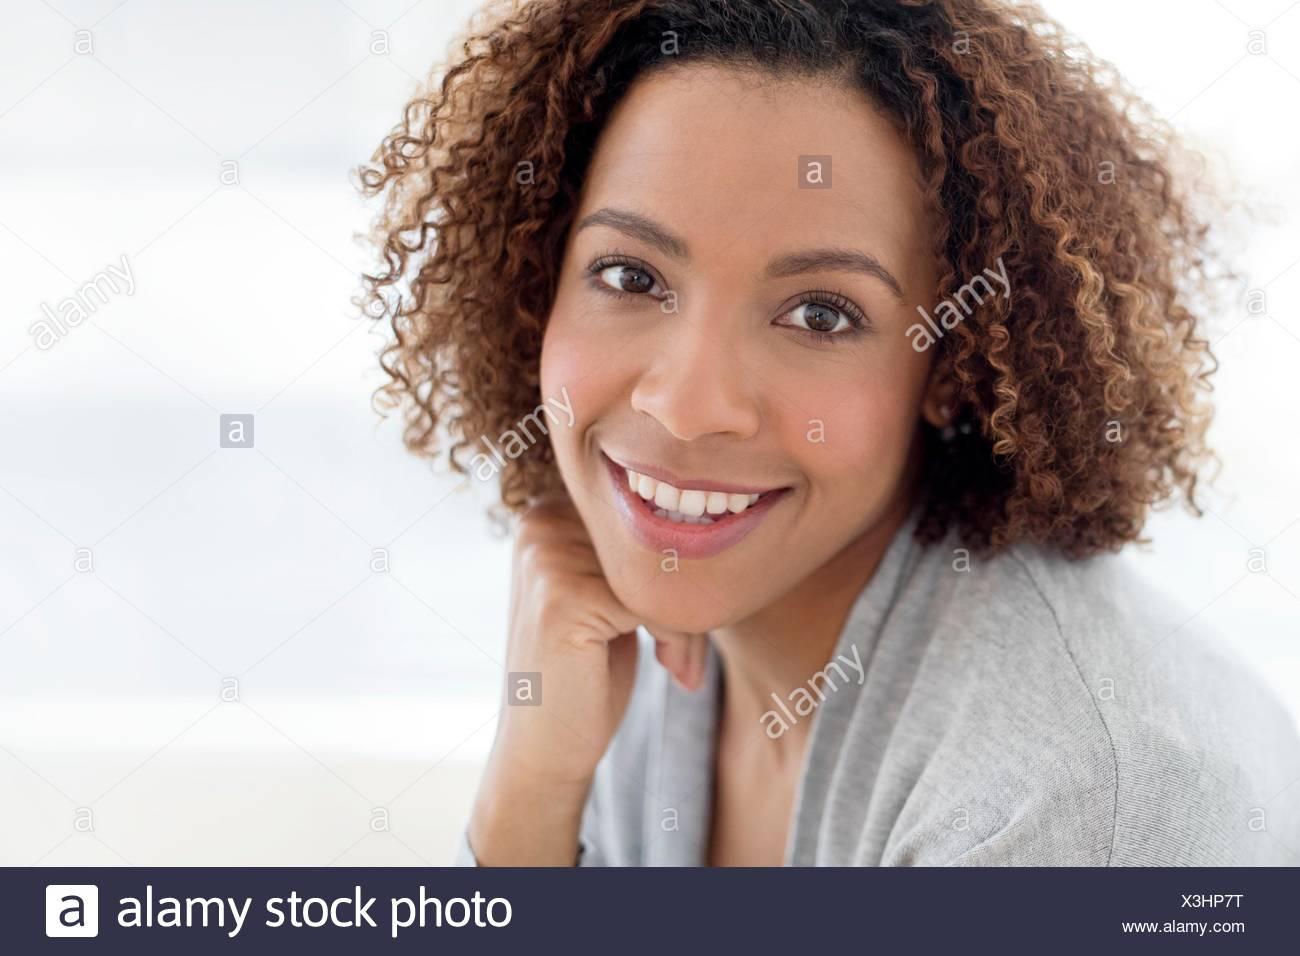 Portrait von Mitte der erwachsenen Frau lächelnd. Stockfoto